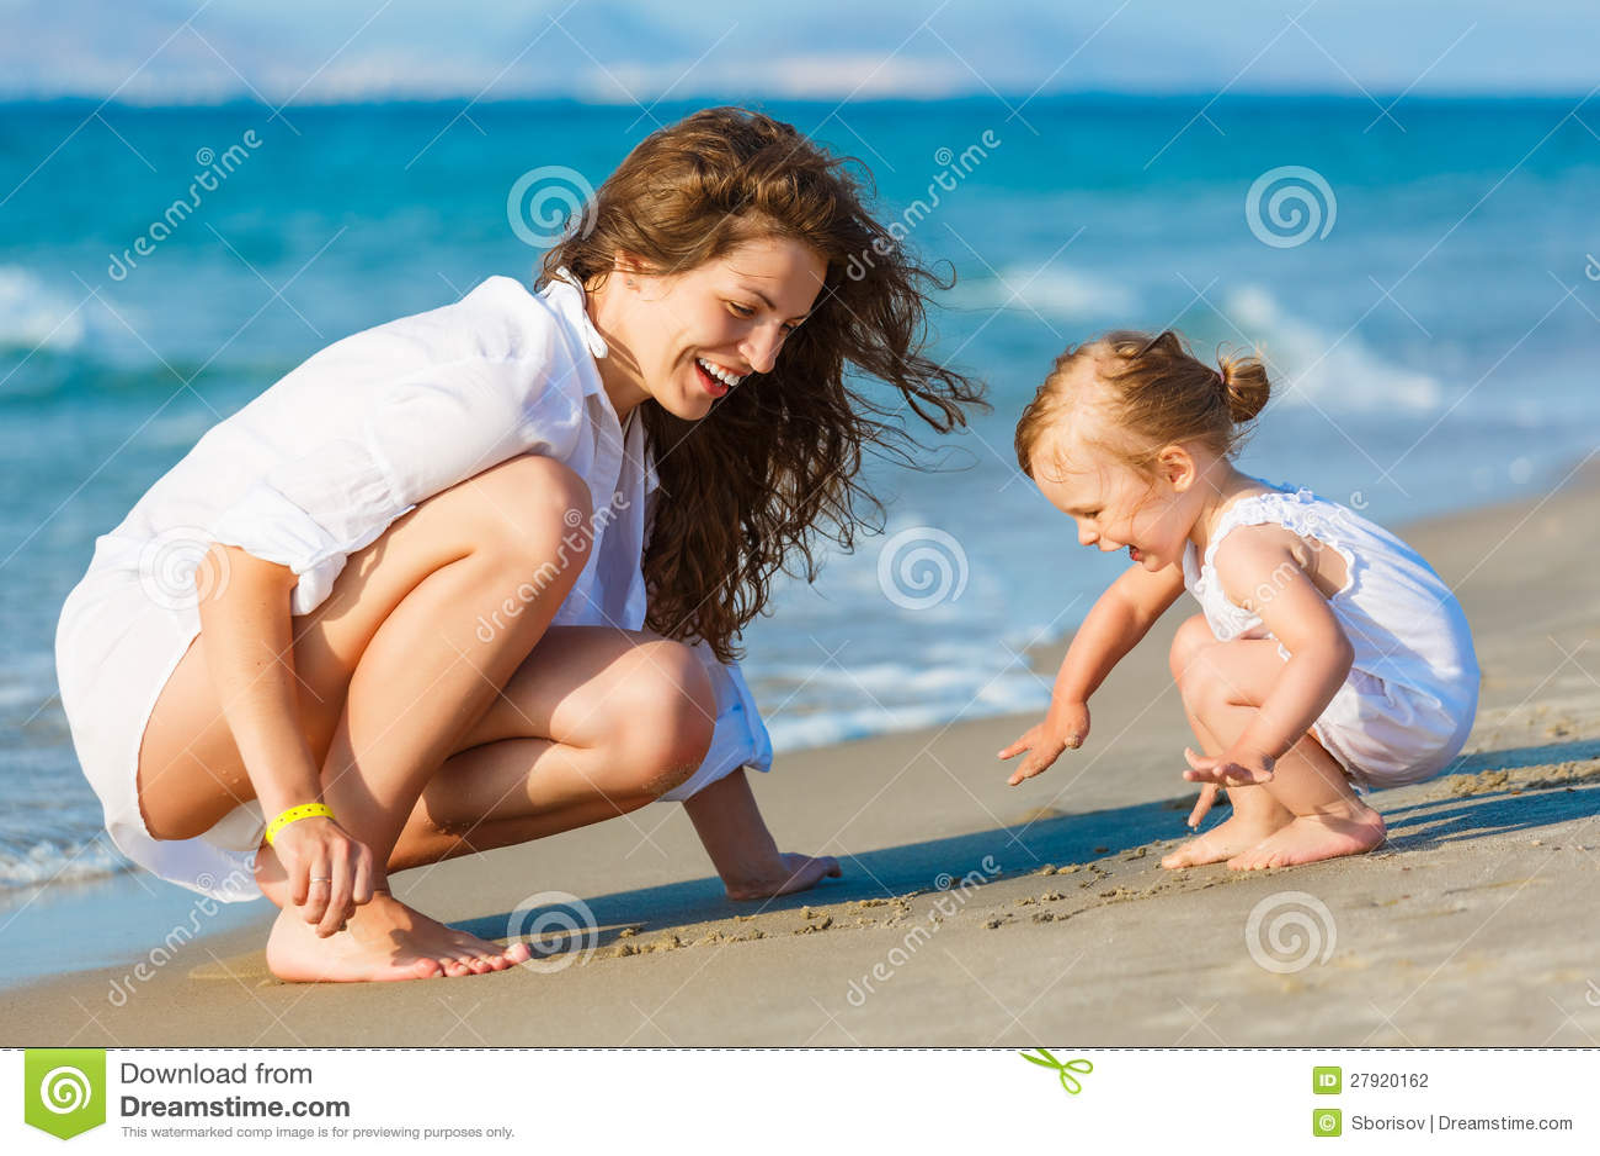 Фото с пляжей мам и дочек 3 фотография